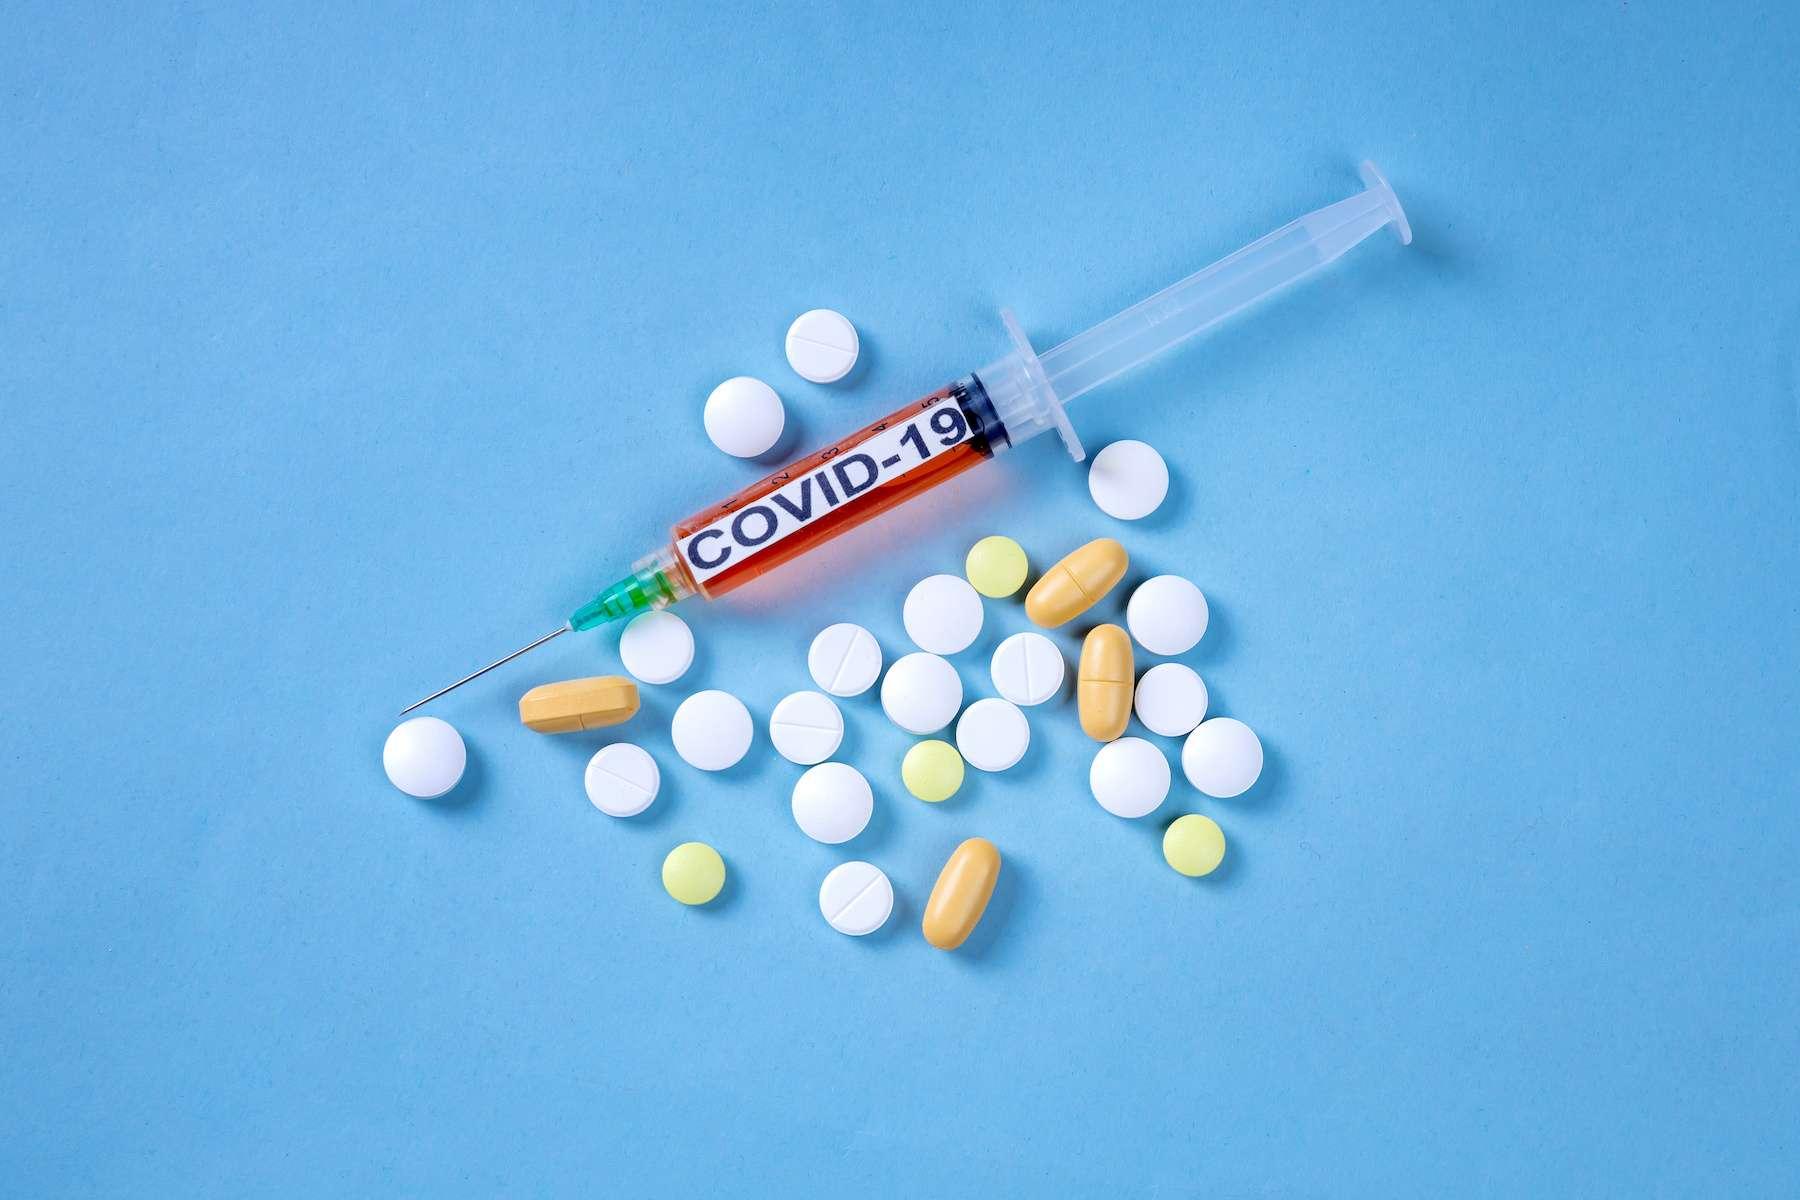 Voici les traitements déjà testés les plus utilisés contre la Covid-19